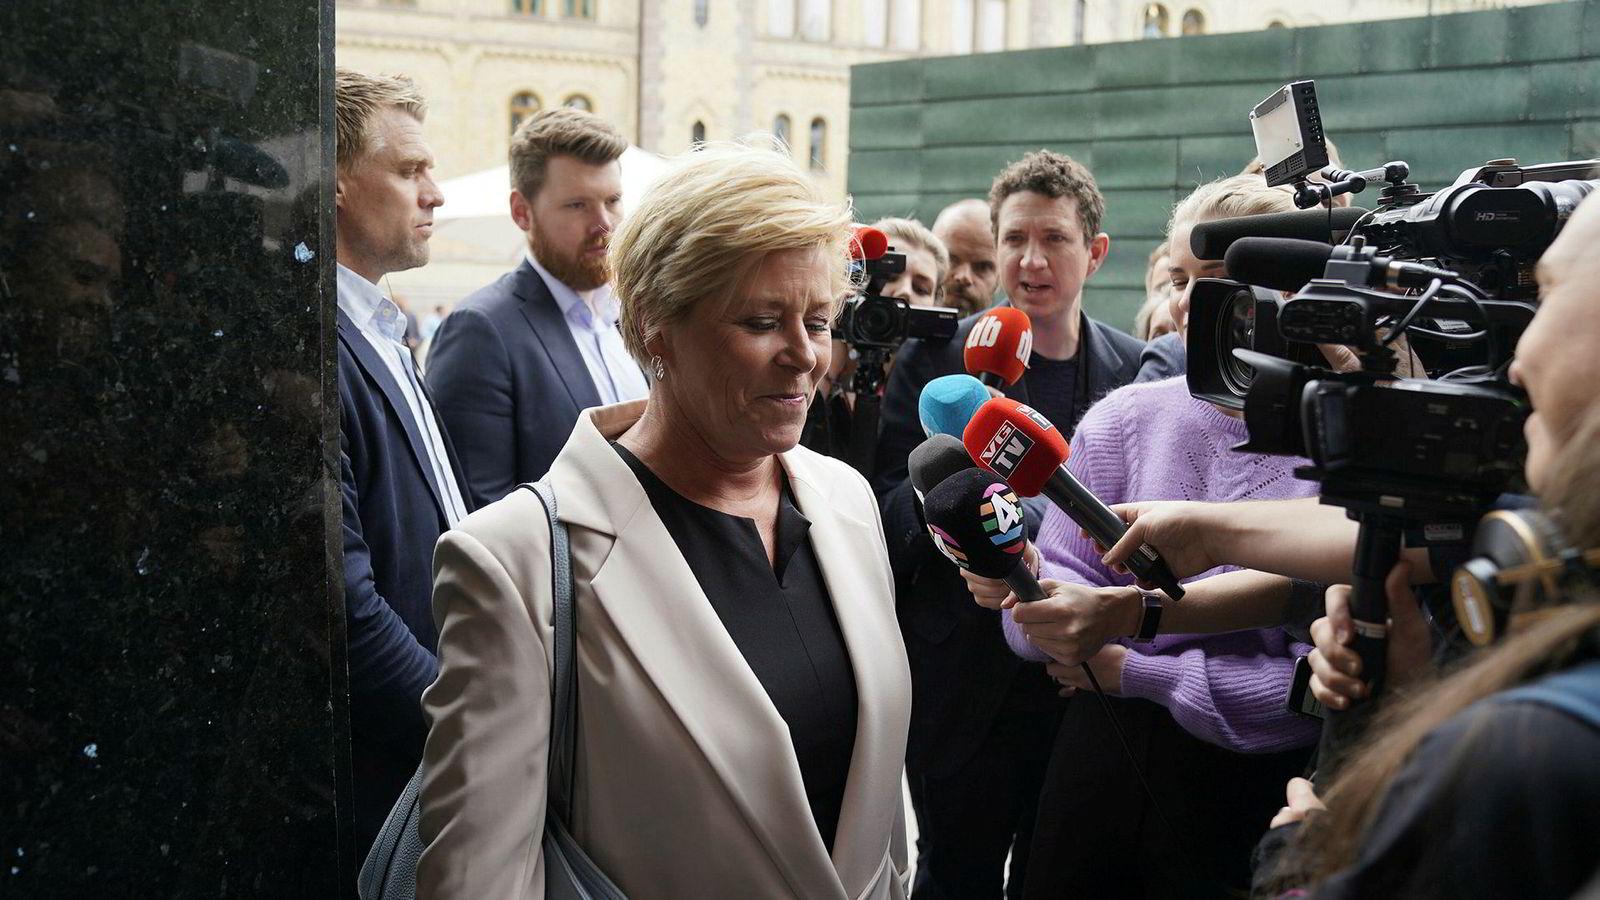 Fremskrittspartiets landsstyre samlet seg tirsdag på partikontoret for å diskutere bompengesaken. Her ankommer partileder Siv Jensen.